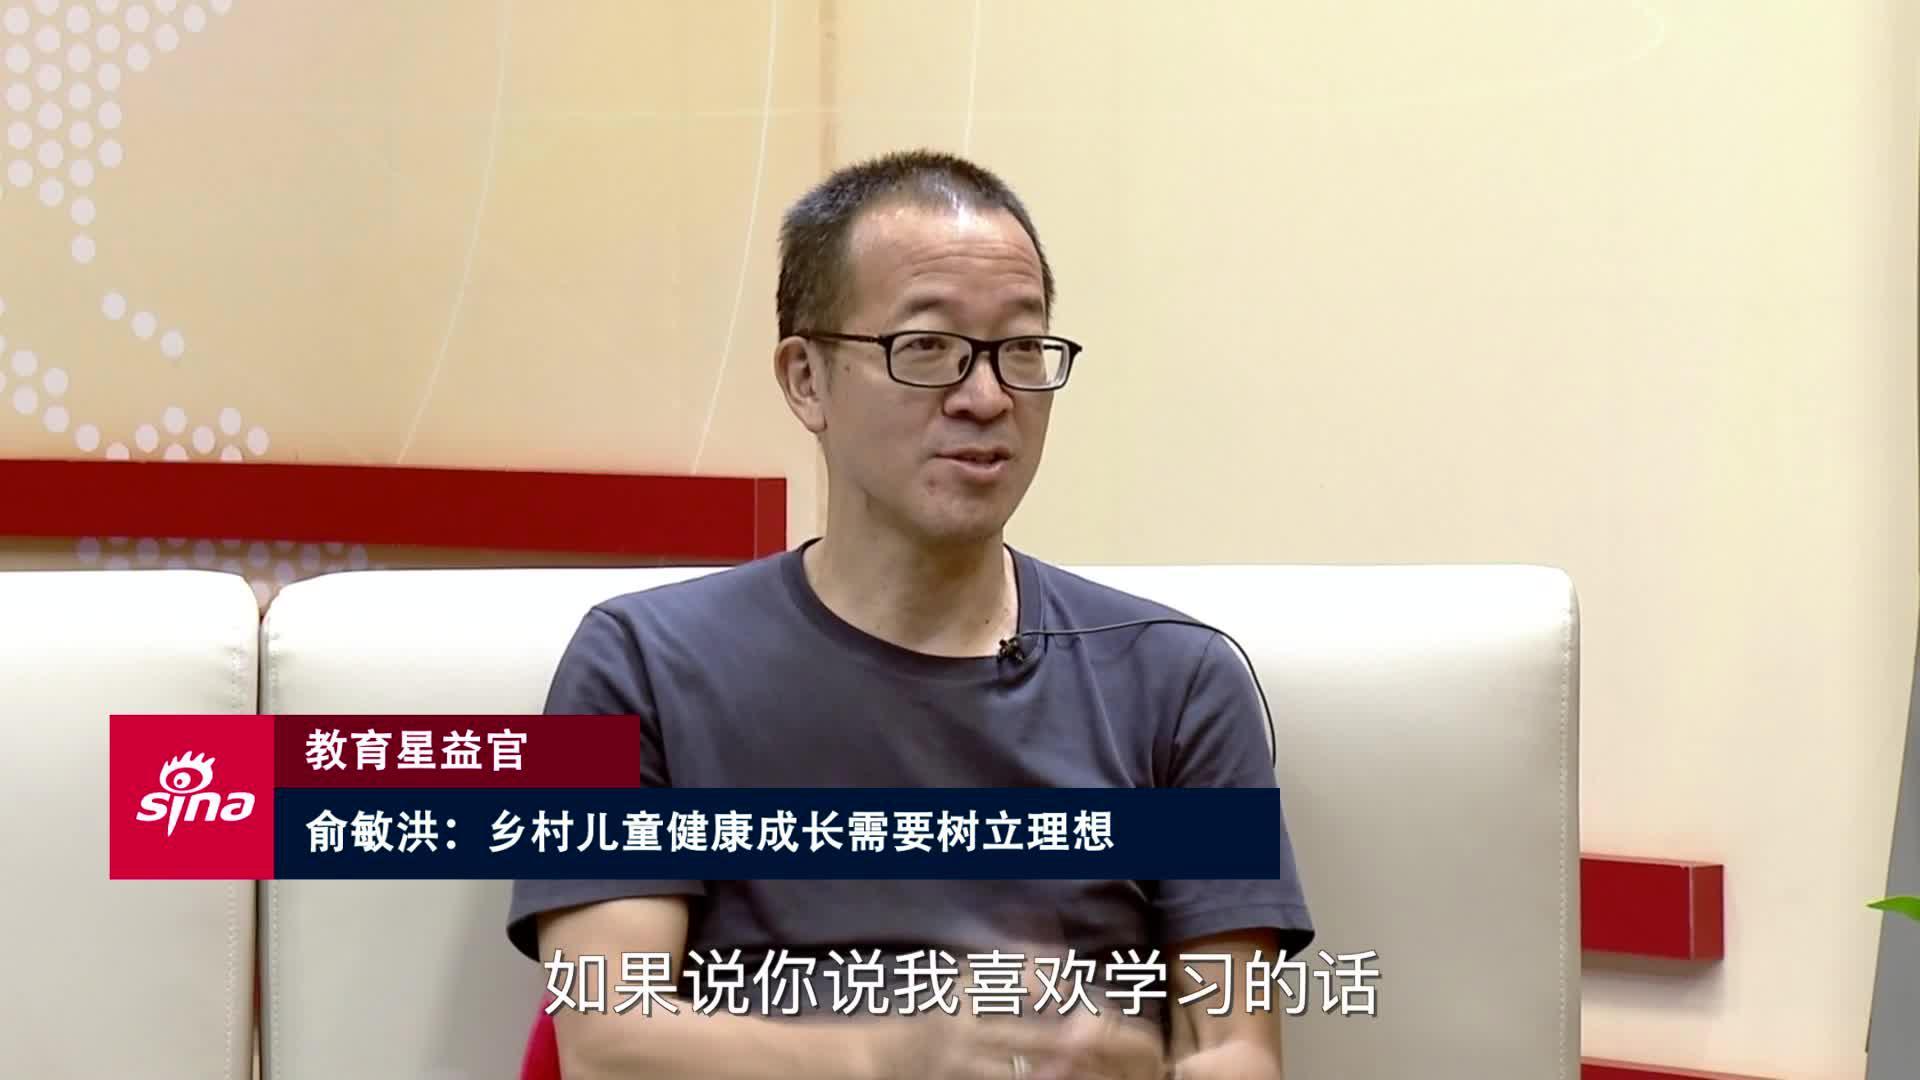 教育星益官俞敏洪回答乡村儿童提问:树立远大理想最重要